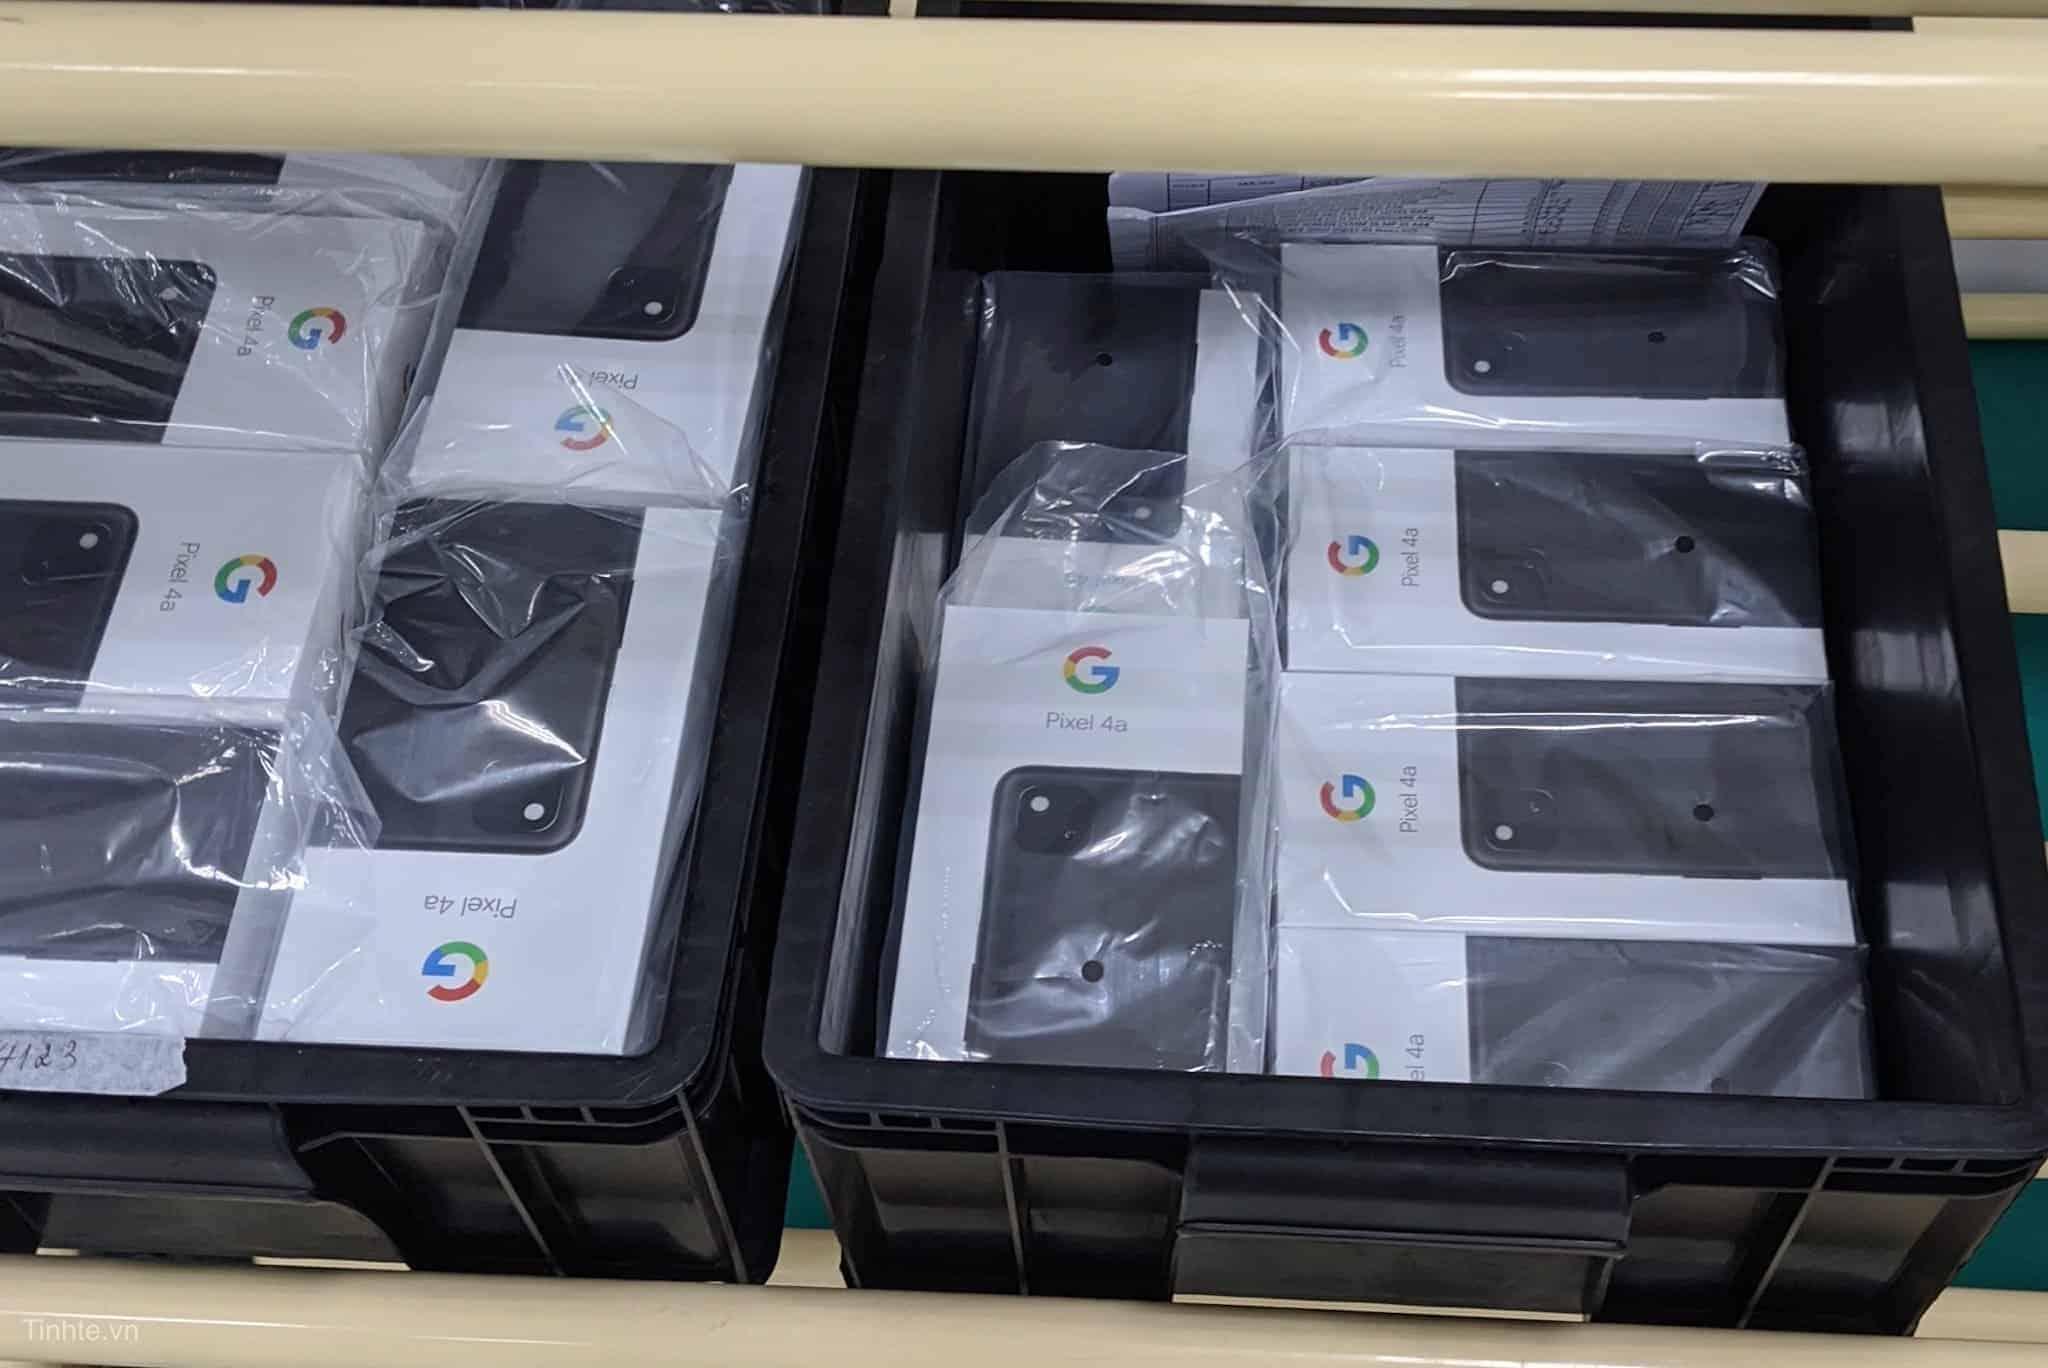 Google Pixel 4a Retail Box Leak 1